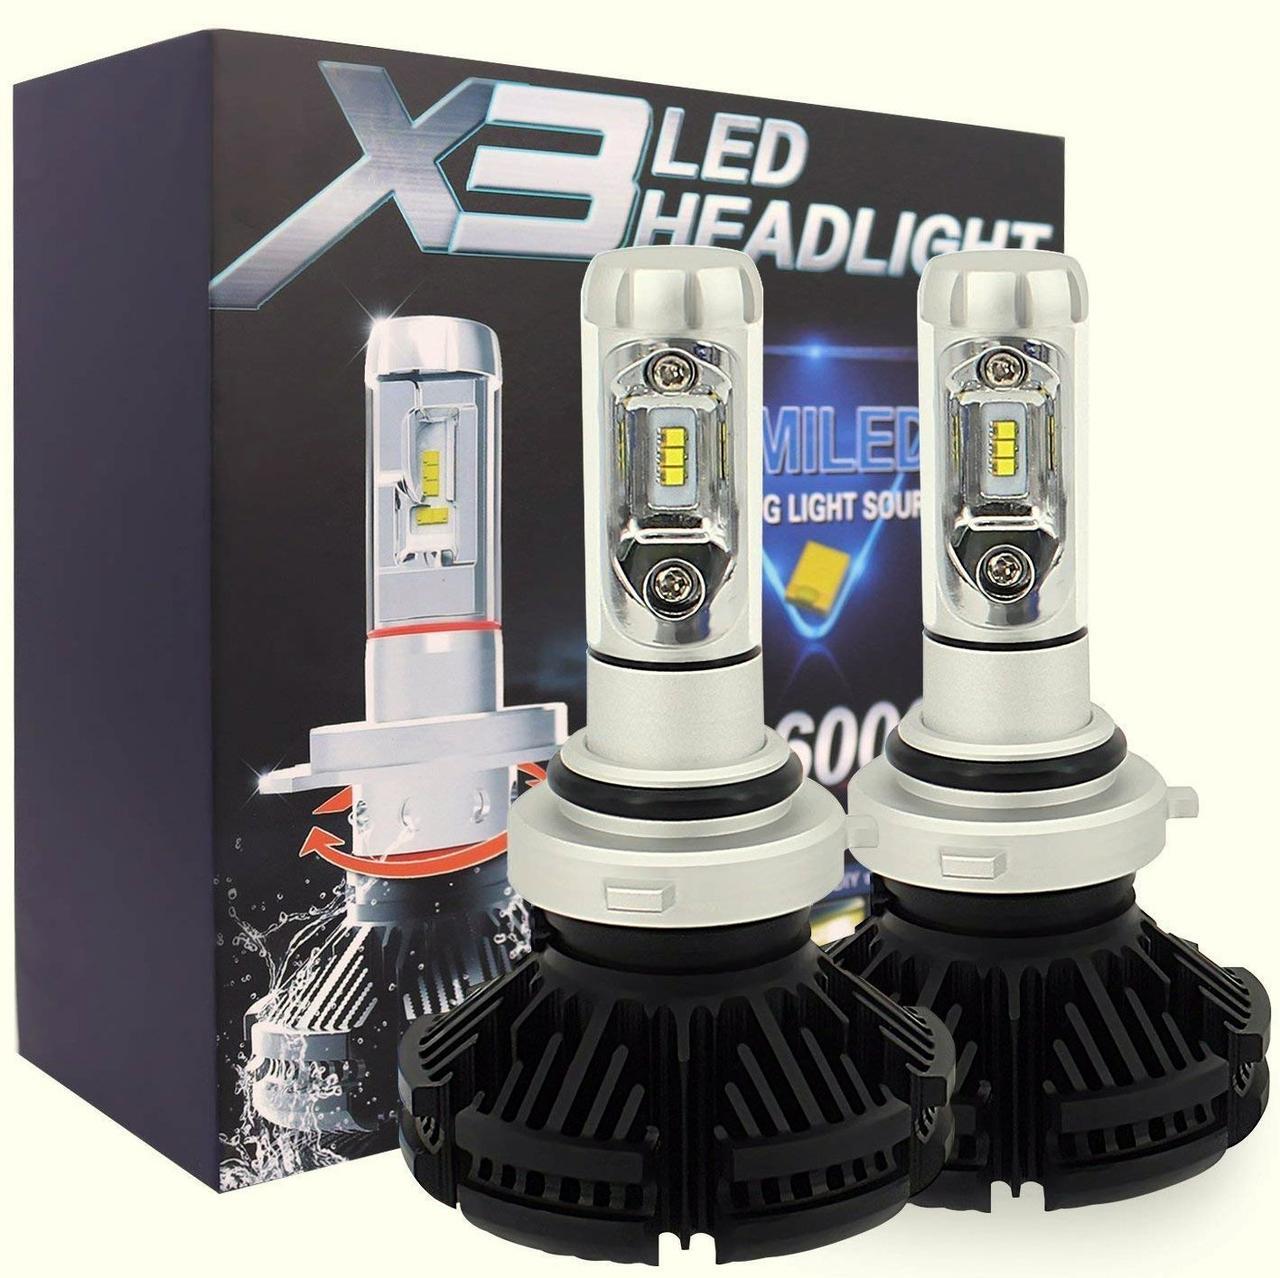 Лампа светодиодная X3  HB4/9006 6000 Lum, цвет свечения 3000/6500/8000К, 2 шт/компл.